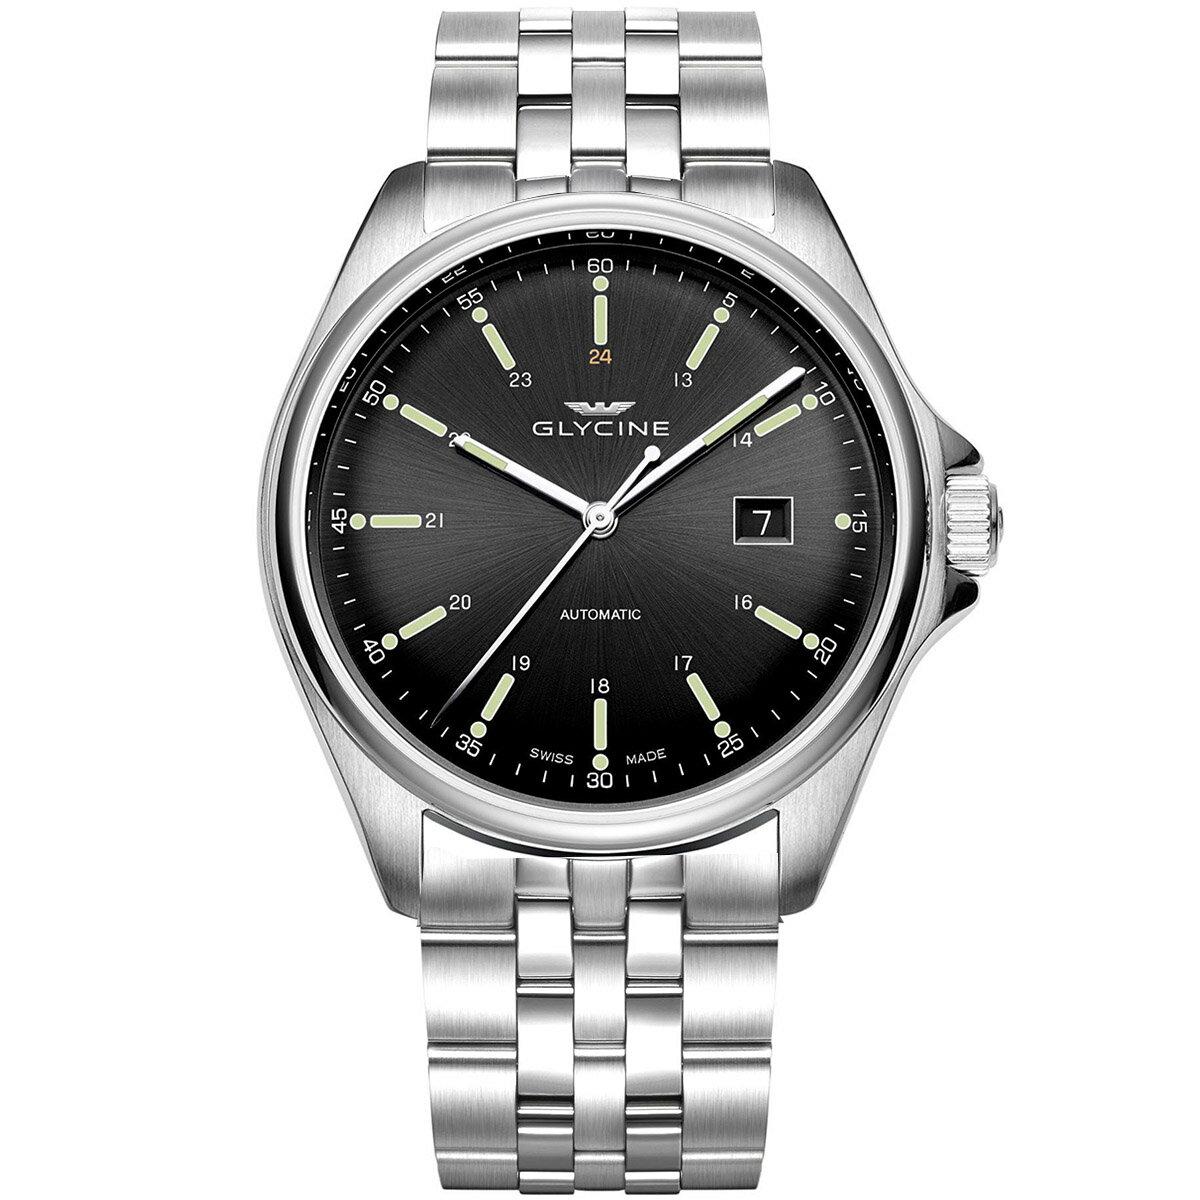 グライシン グリシン GLYCINE コンバット6 クラシック COMBAT 6 CLASSIC 36 GL0111 メンズ 時計 腕時計 自動巻き オートマチック スイス製 スイスメイド パイロット